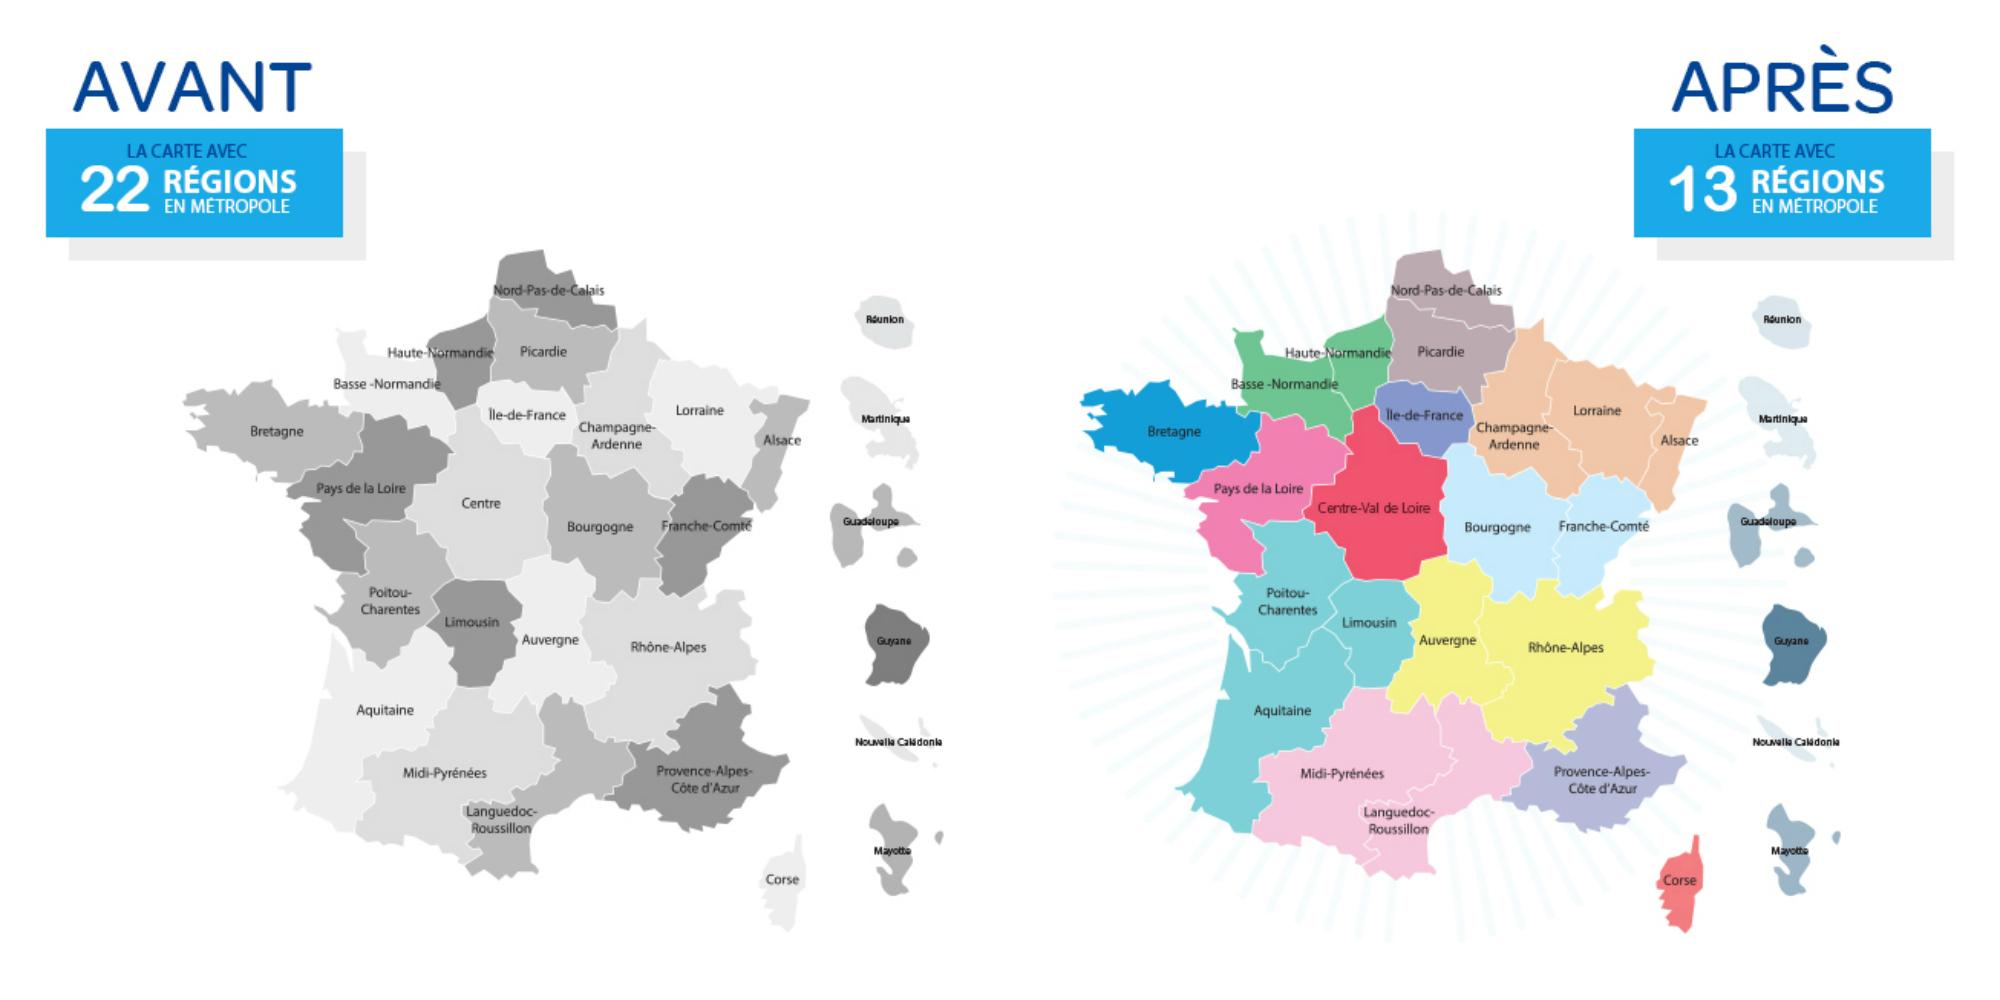 Nouvelles régions 2016